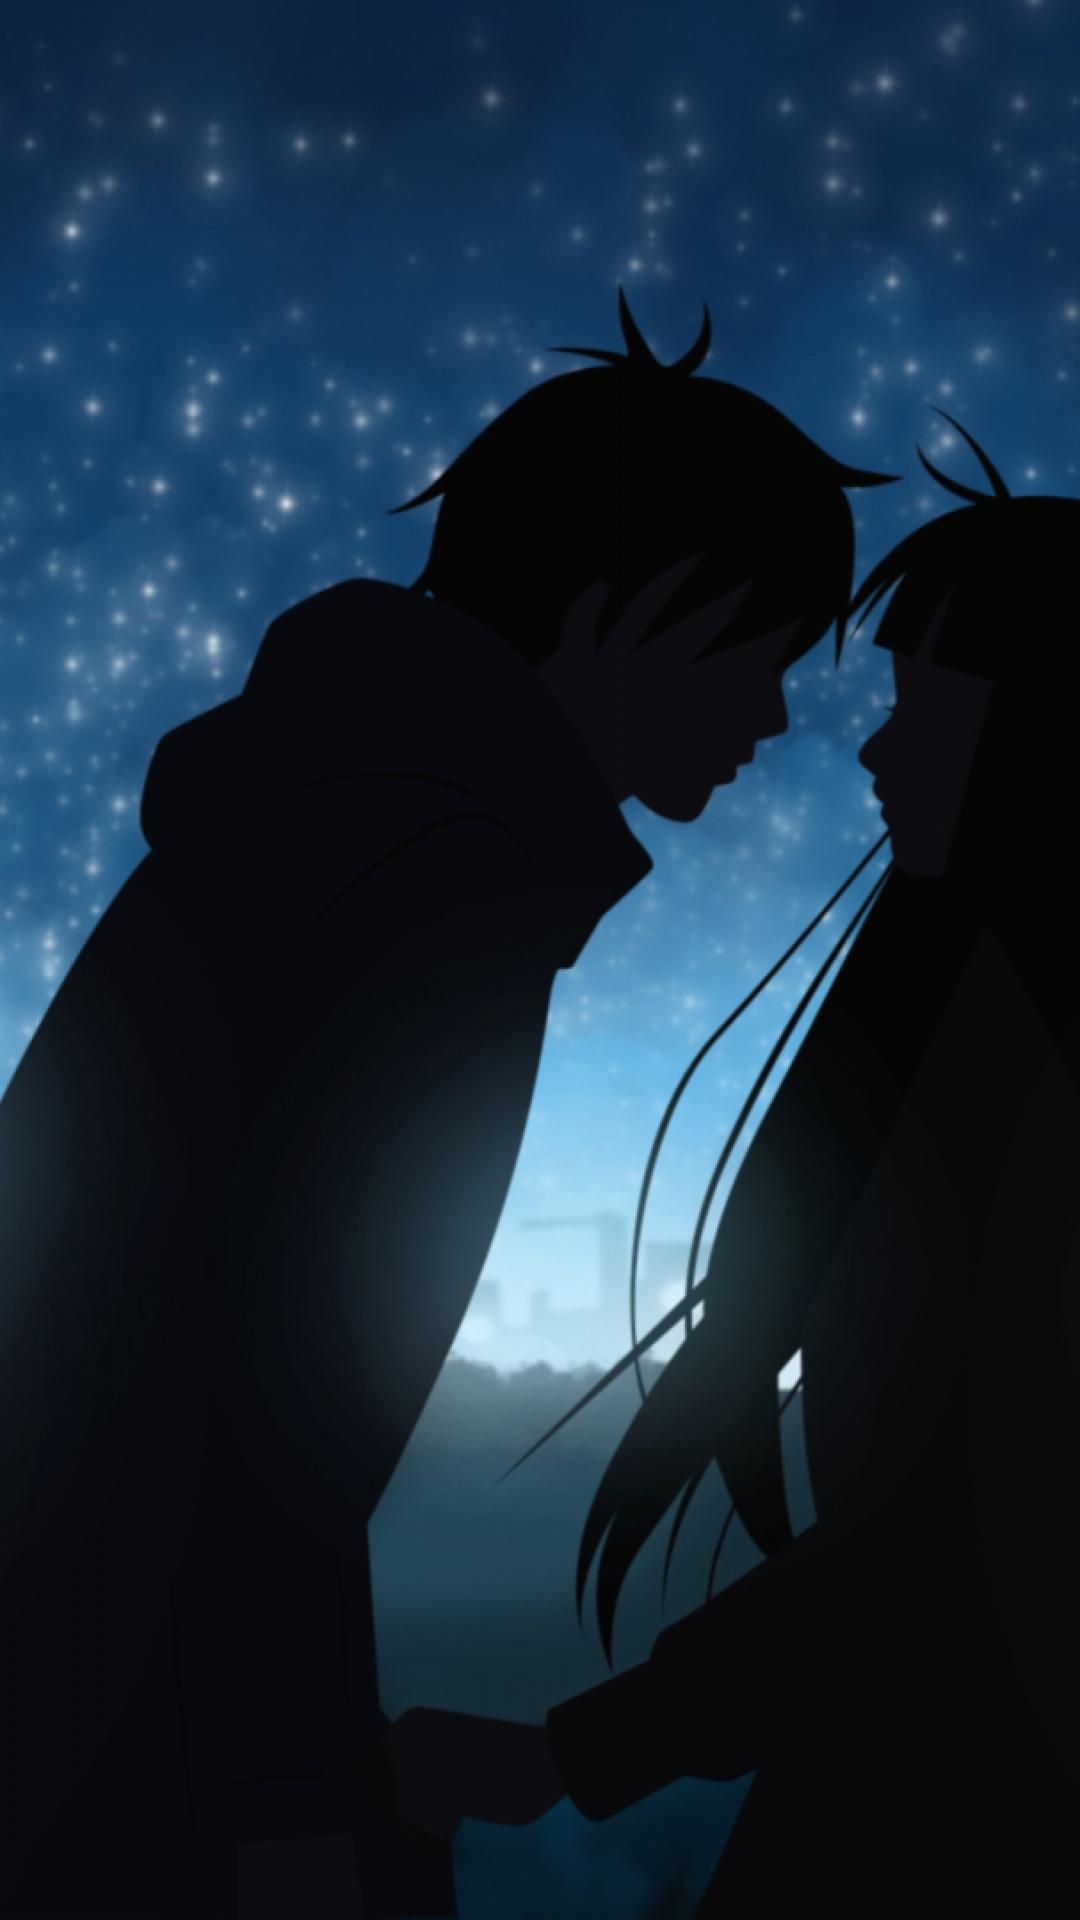 lindo fondo para celular de pareja anime